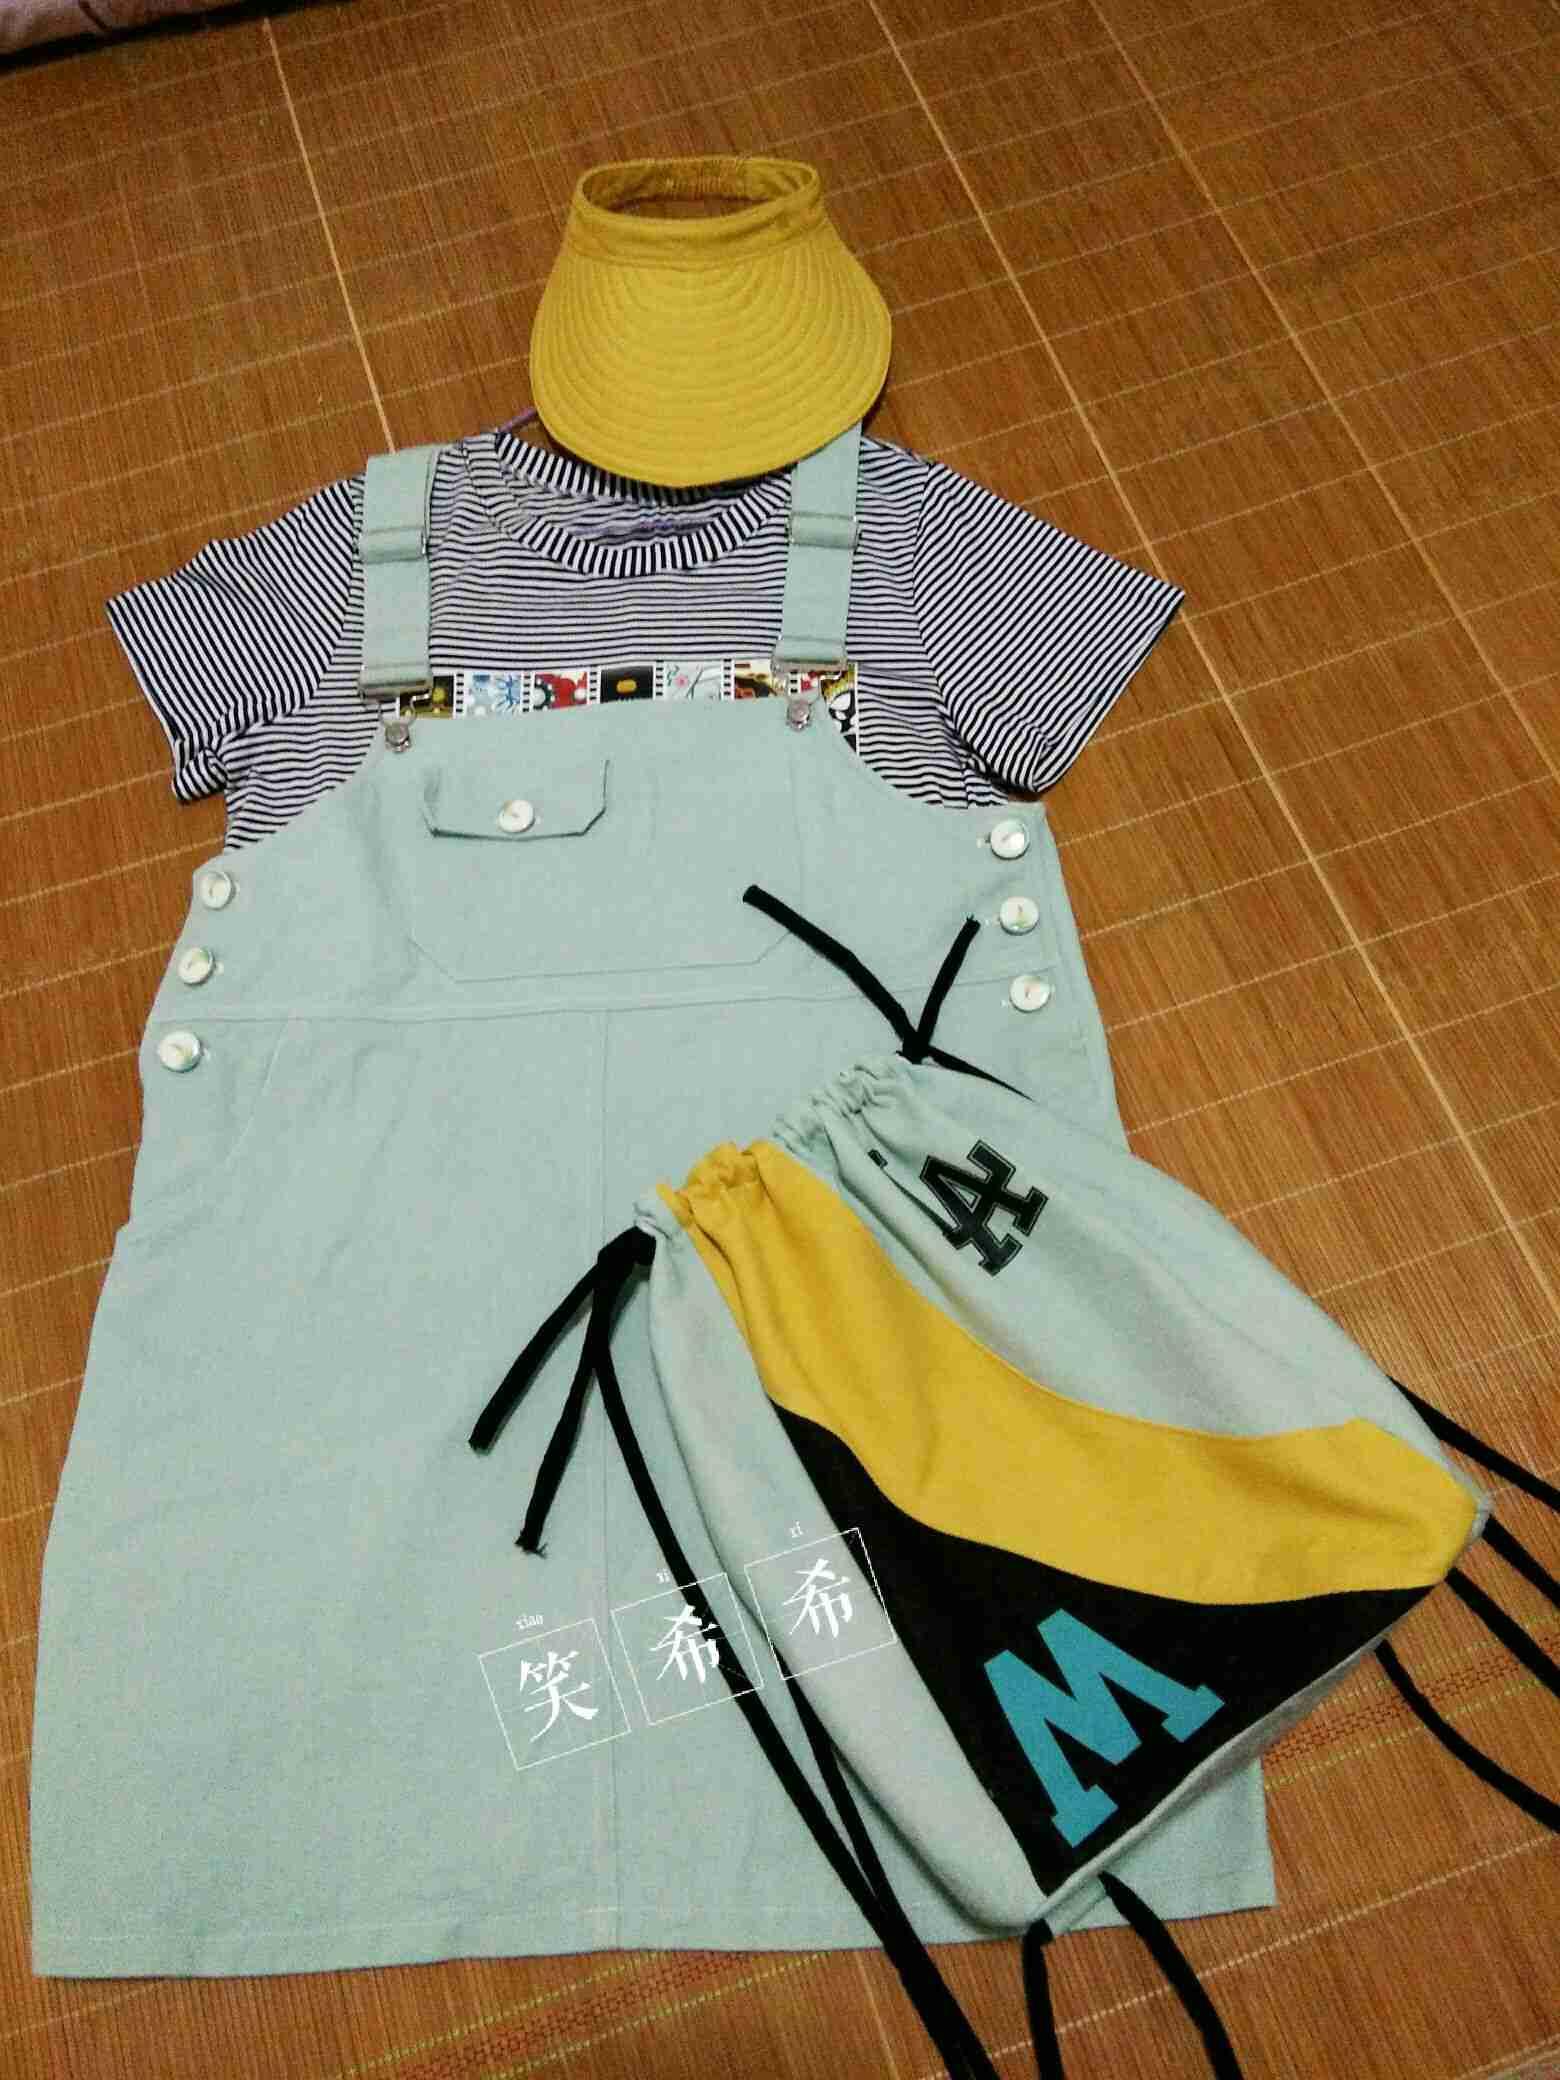 零碎的边角料,造配套的包包和帽子